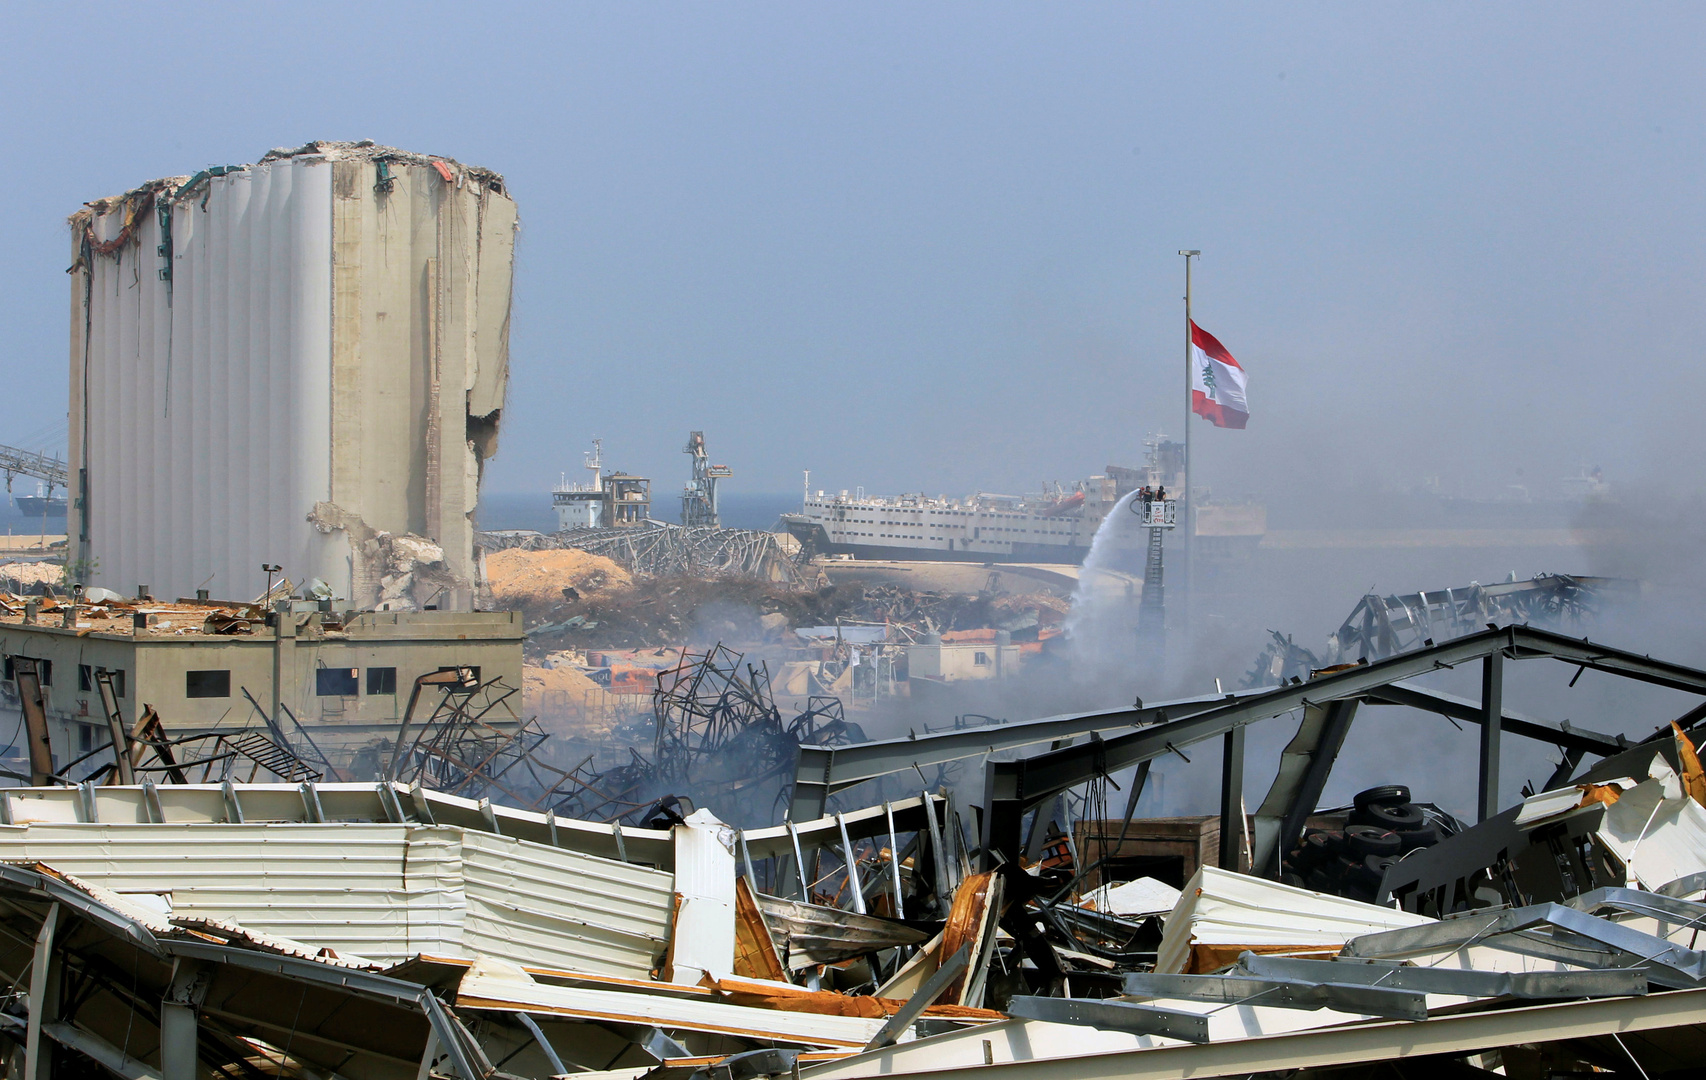 مصادر: وزير الداخلية اللبناني يرفض طلبا لاستجواب مدير الأمن العام في قضية انفجار مرفأ بيروت